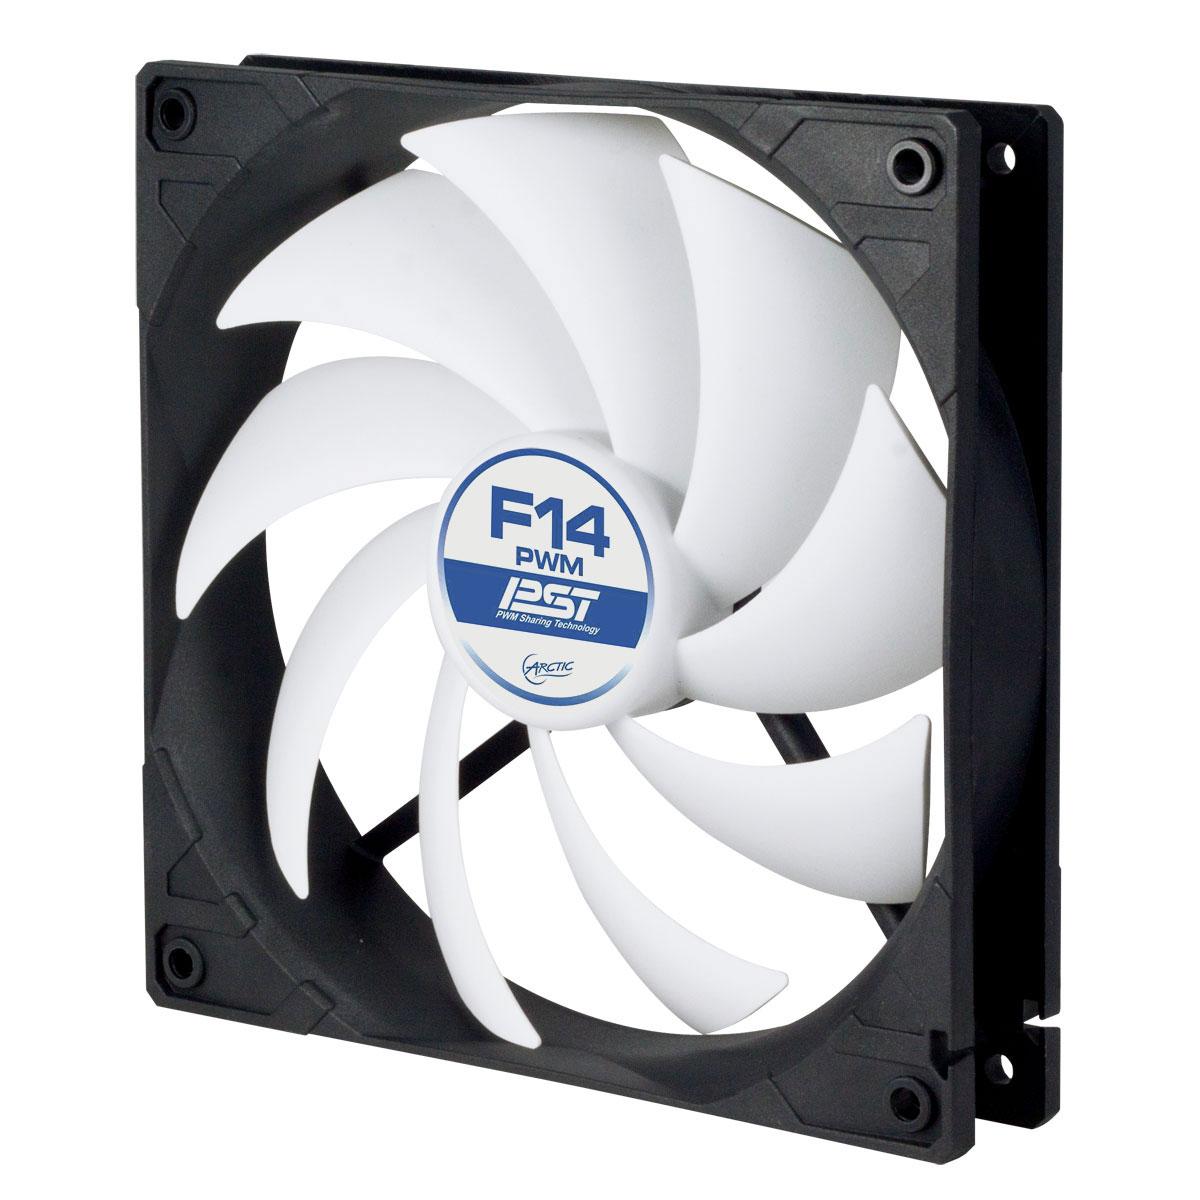 Ventilateur boîtier Arctic F14 PWM PST Ventilateur de boîtier 140 mm thermorégulé avec système PST